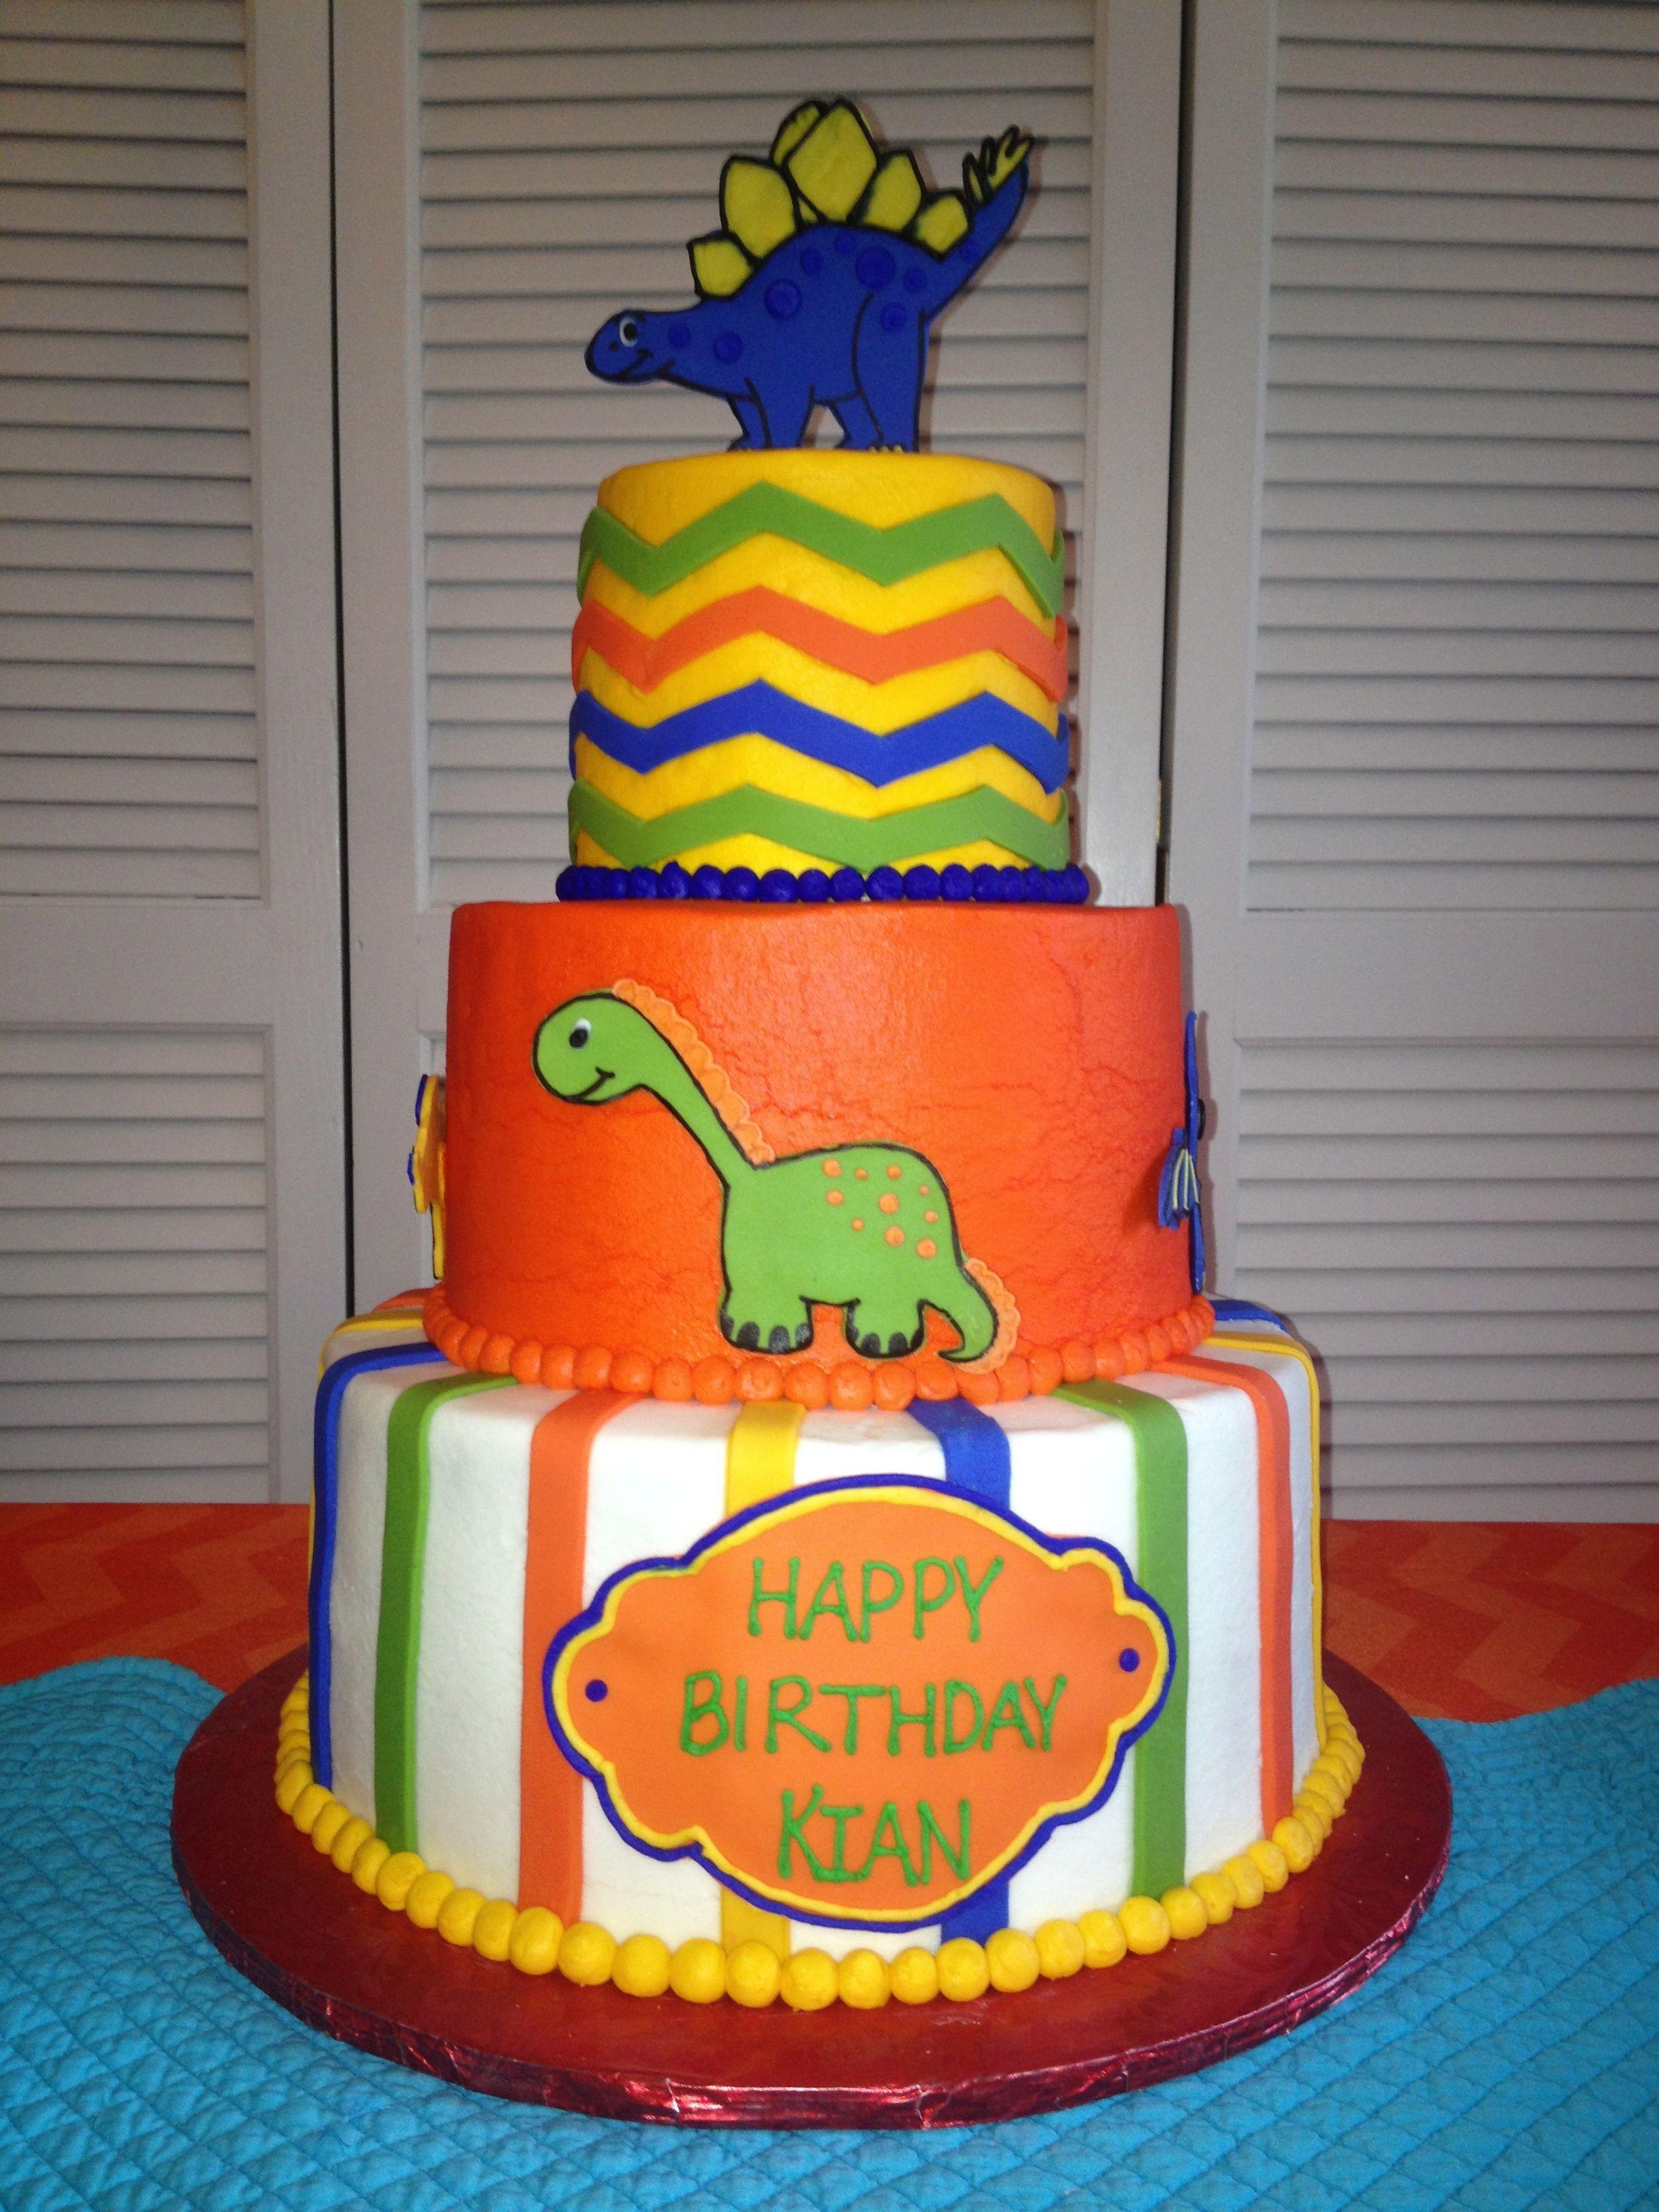 Kians Dinosaur Cake Party CakesPRECIOUS Pinterest